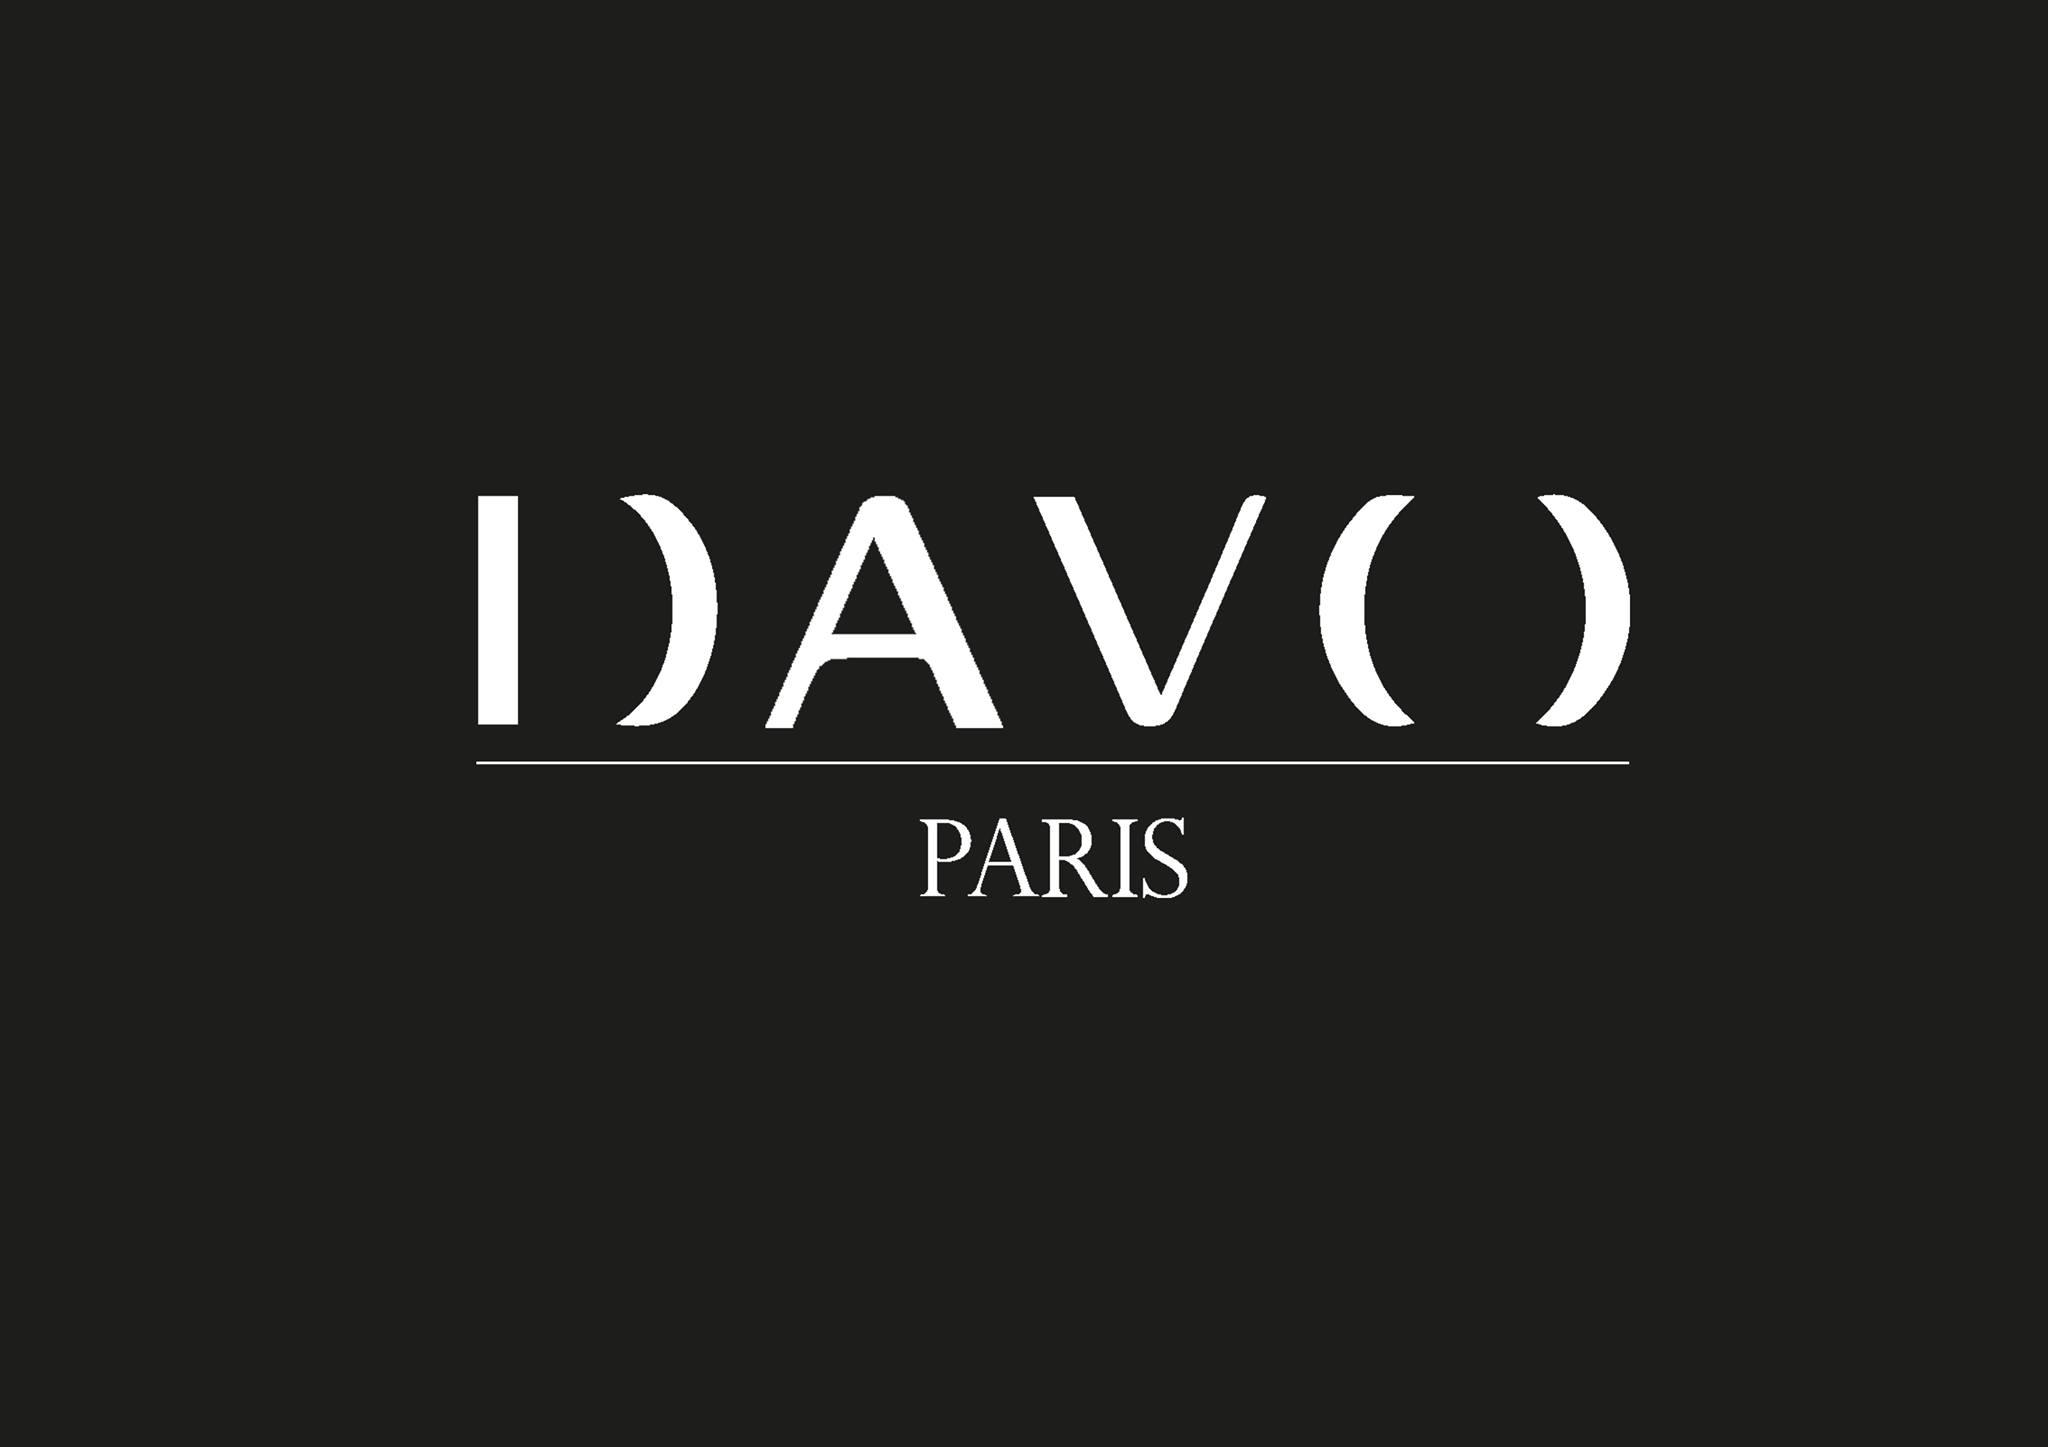 Davo Paris